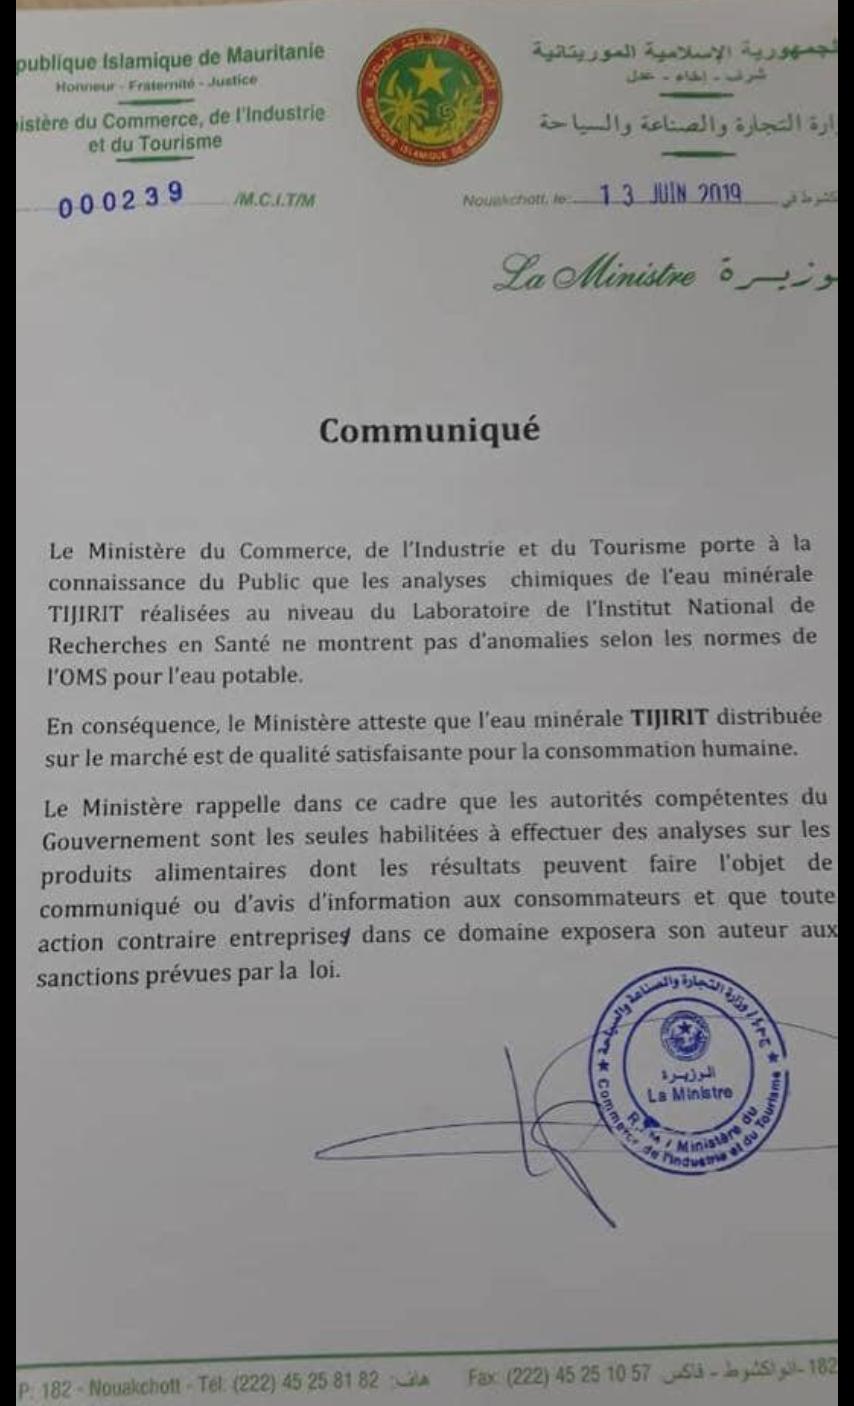 L'Eau minérale Tijirit est de qualité satisfaisante pour la consommation humaine (ministère du commerce)